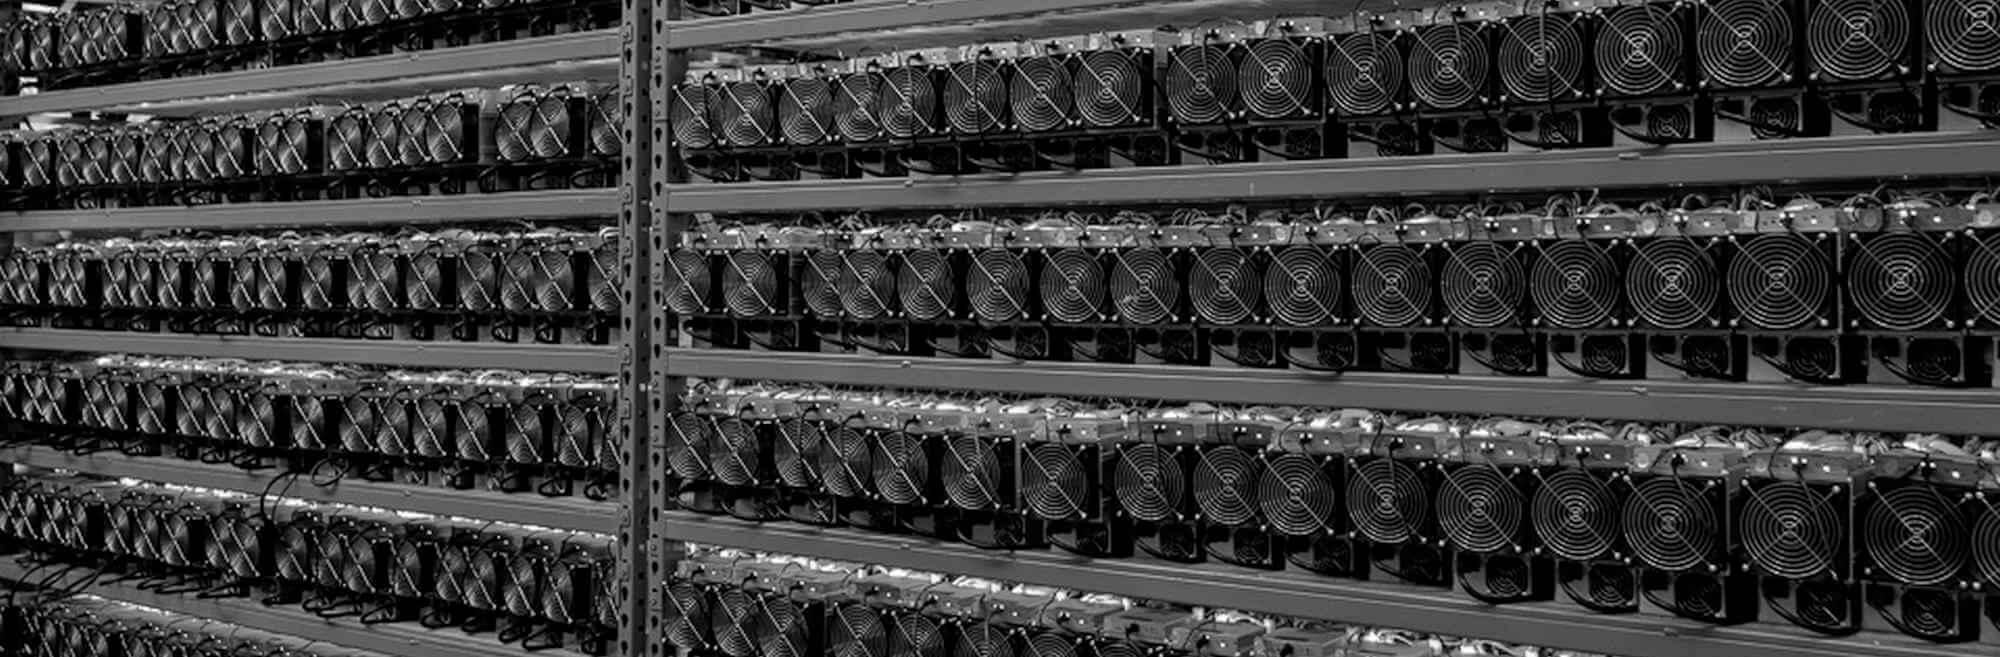 bitcoin miner hosting hogyan kell keresni bitcoin pakisztánban